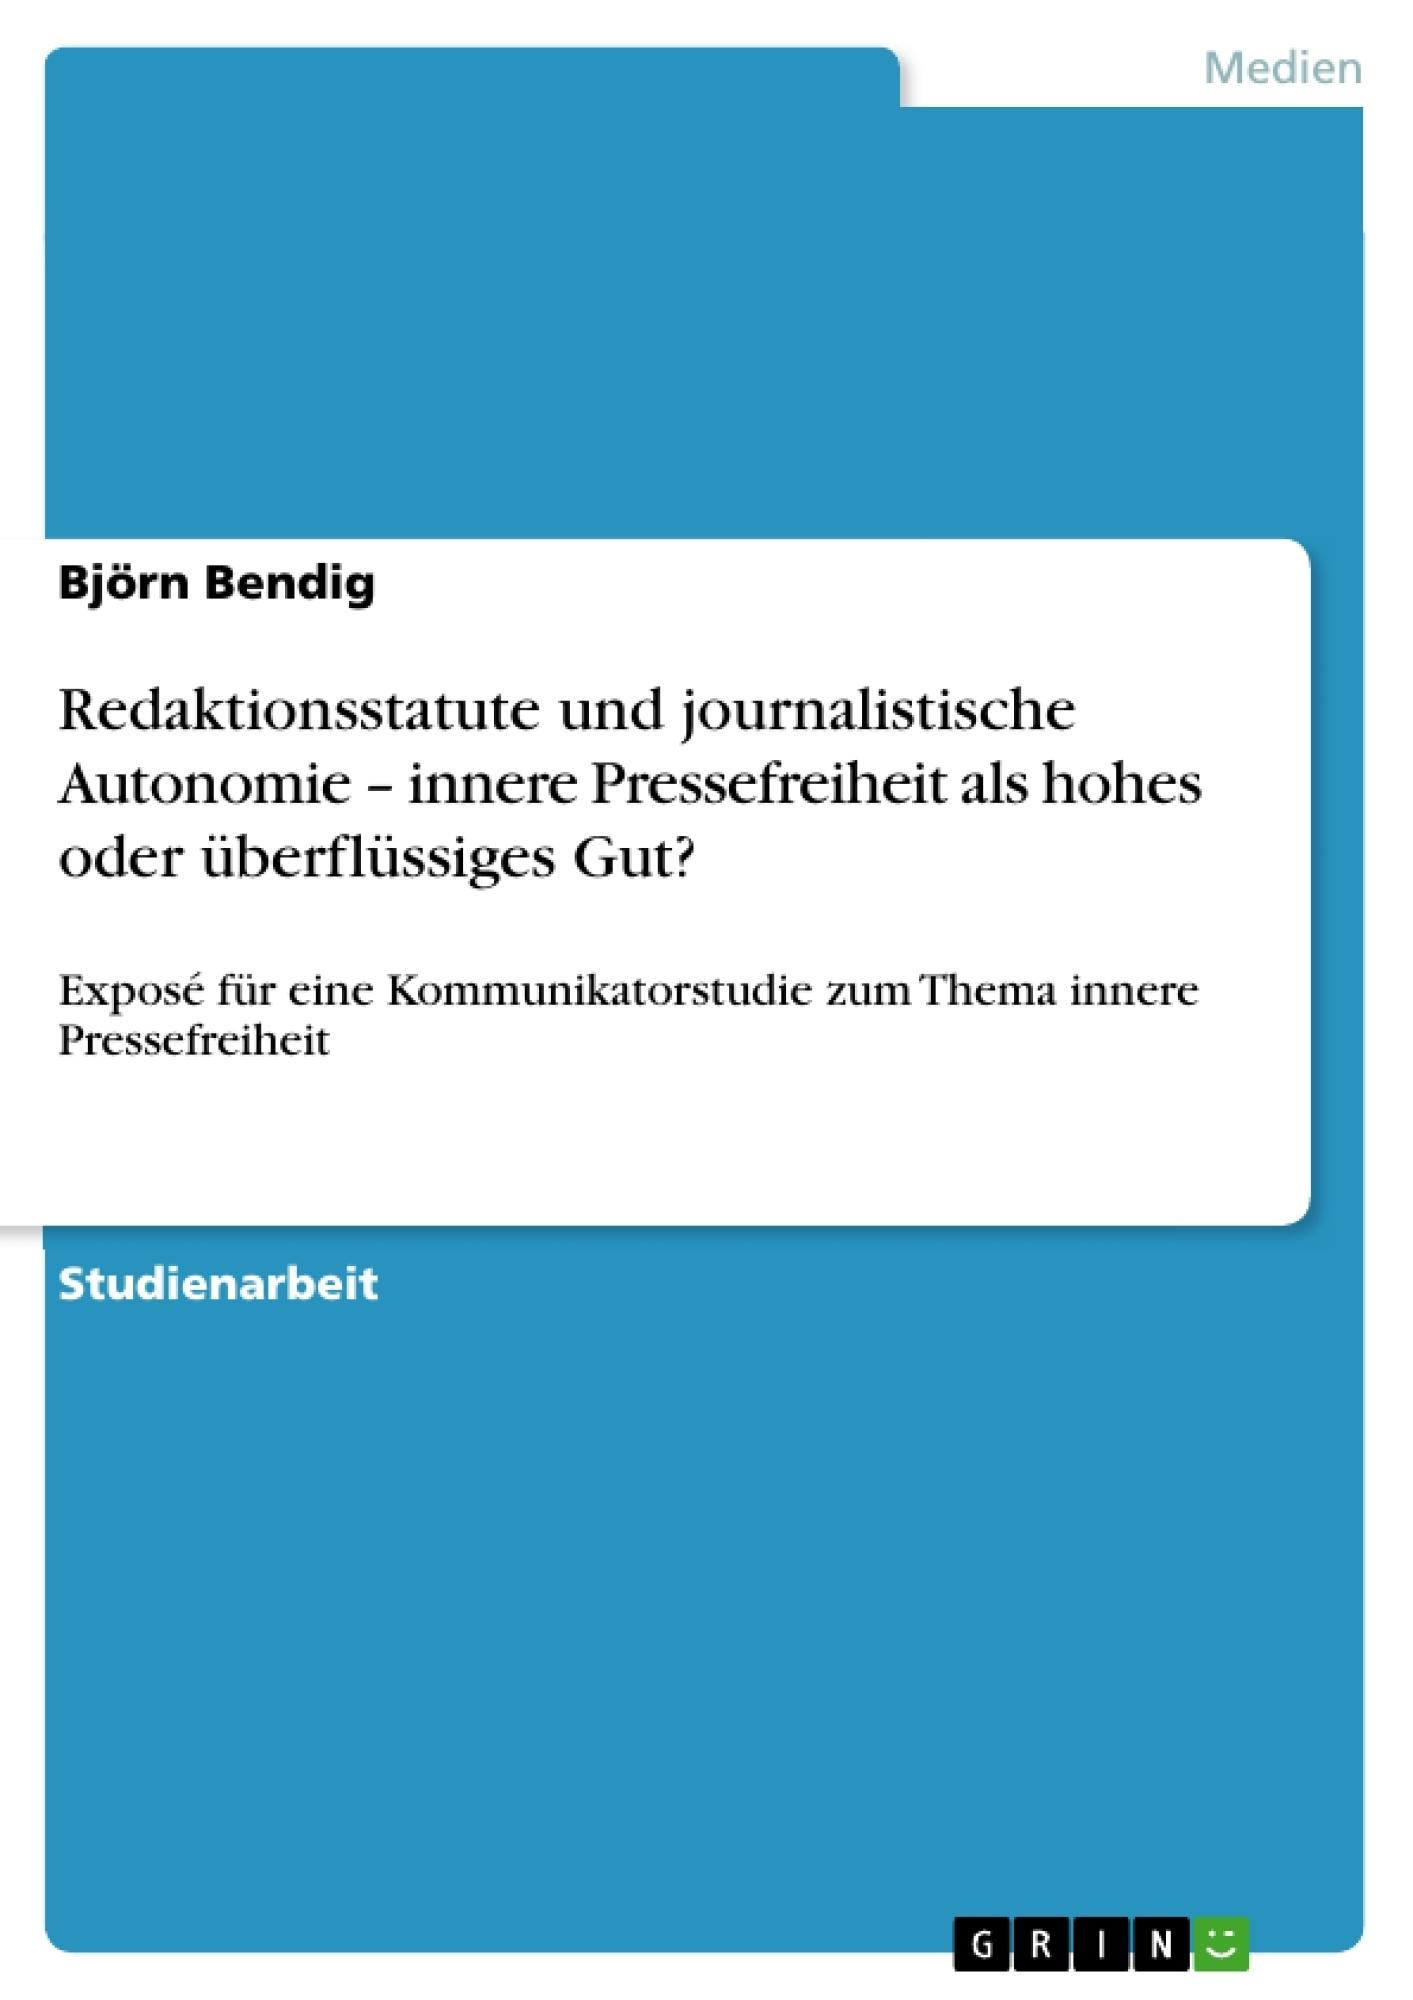 Titel: Redaktionsstatute und journalistische Autonomie – innere Pressefreiheit als hohes oder überflüssiges Gut?